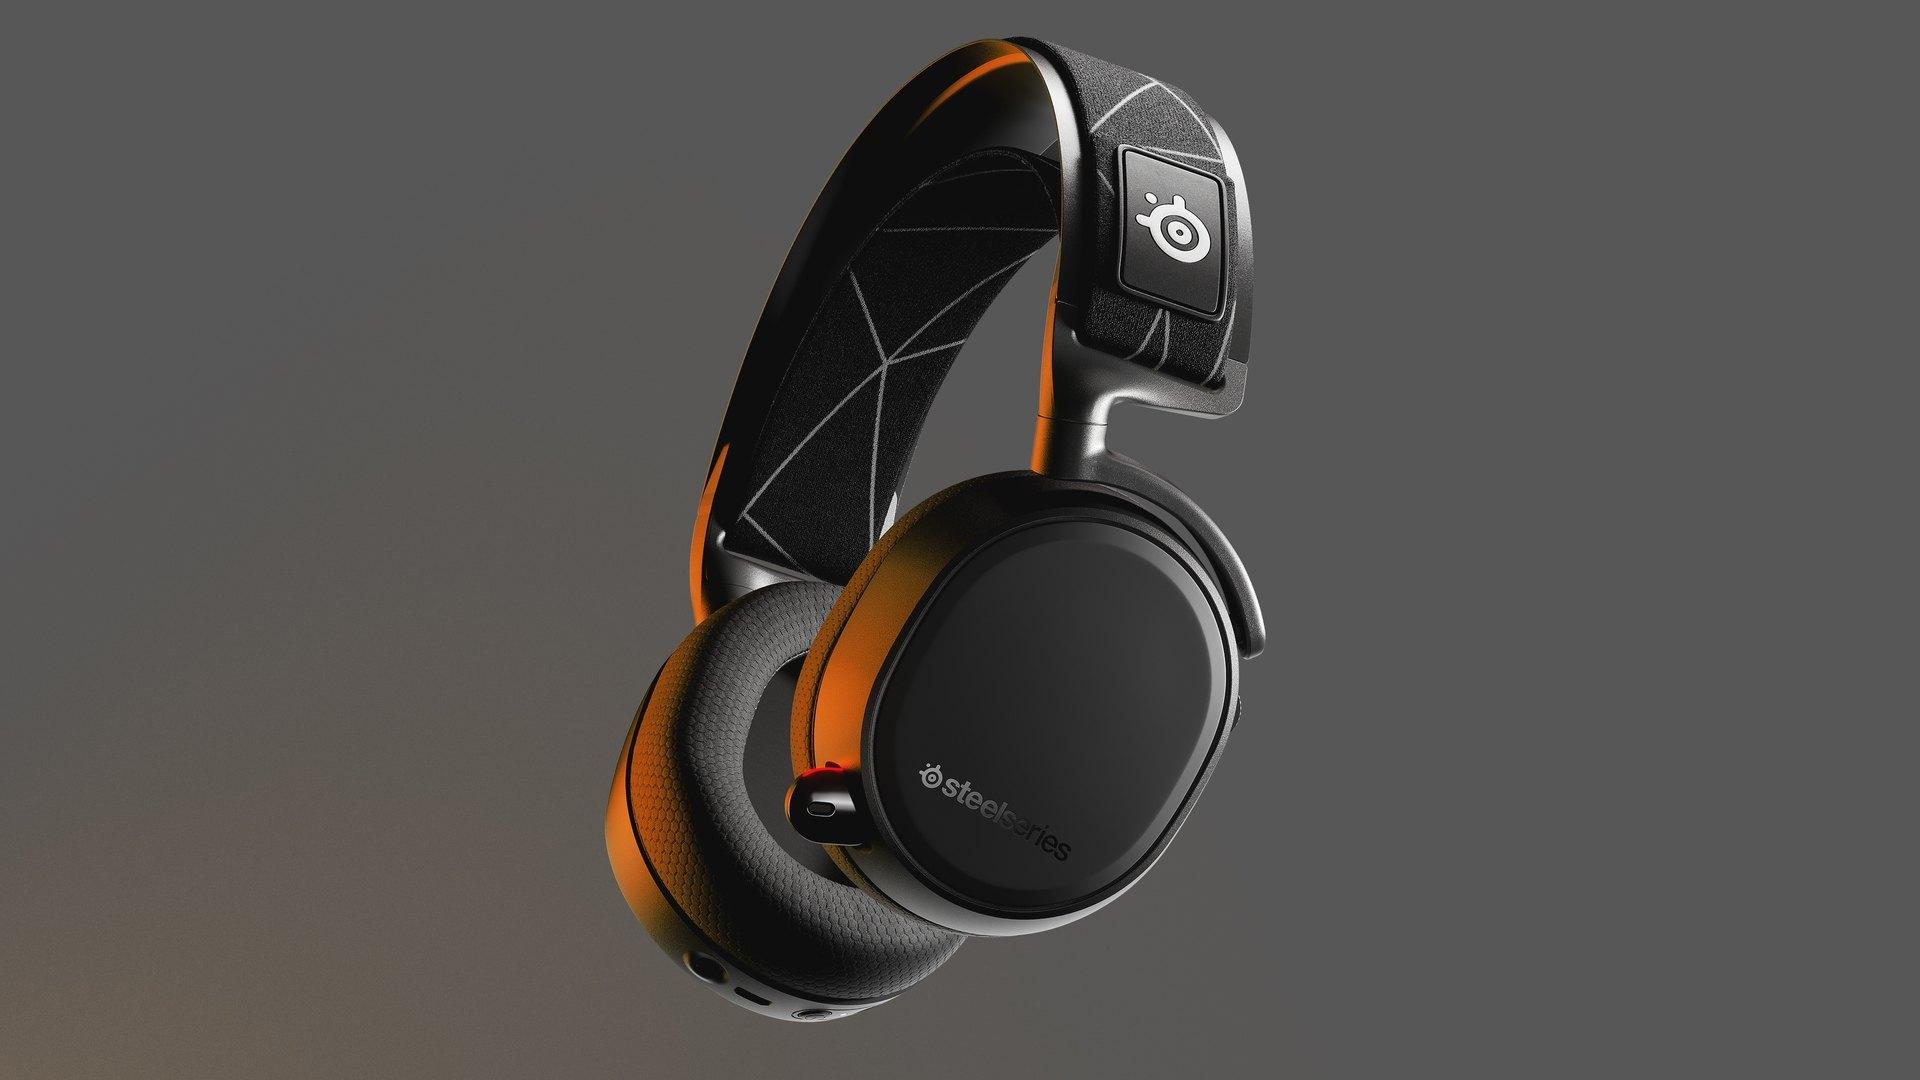 Arctis 9 耳機與最佳遊戲耳機產品線獎項